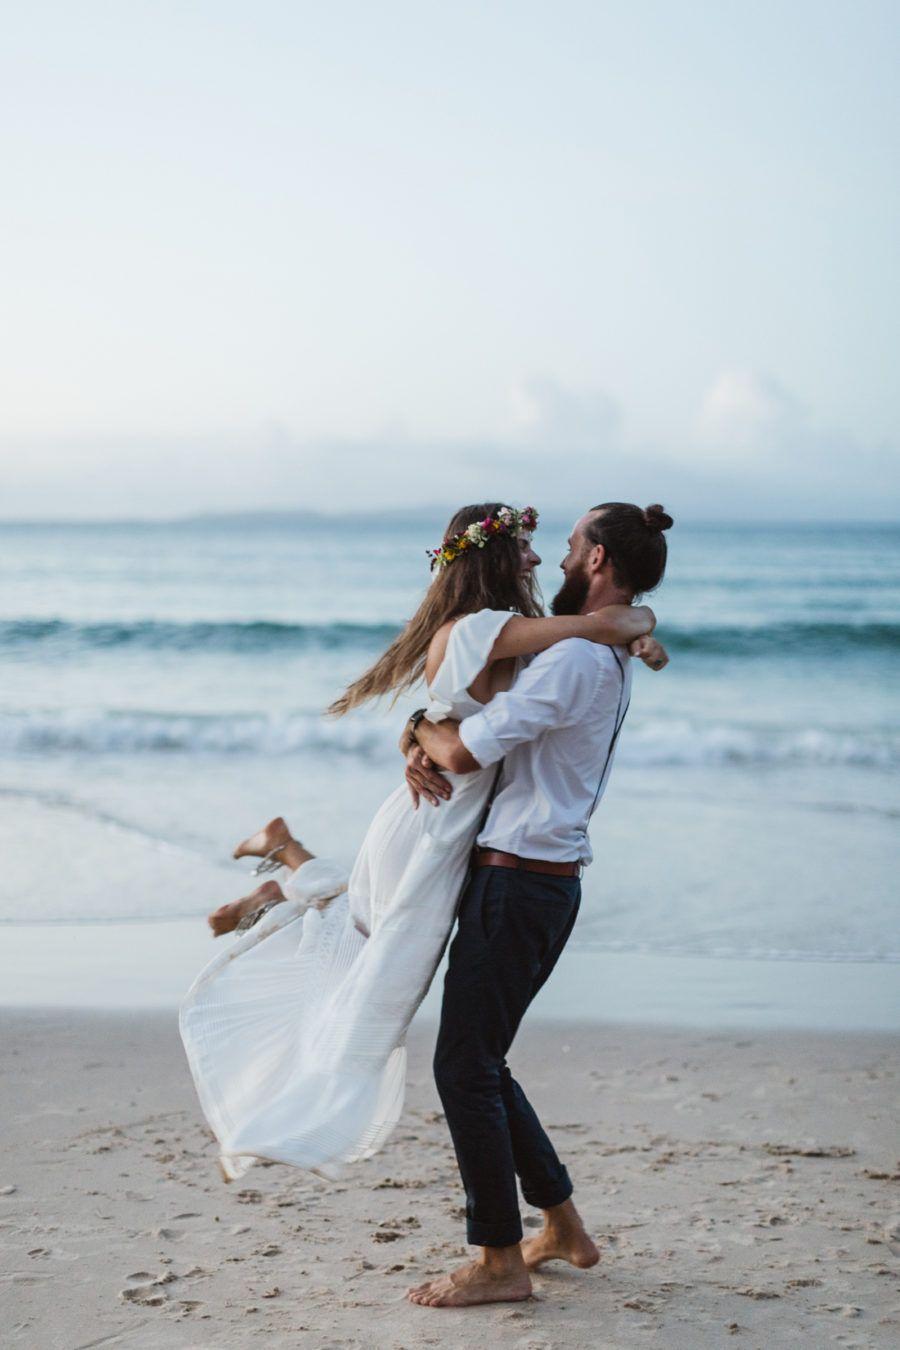 Levi & Lauren' Barefoot Noosa Elopement Wedding Plans